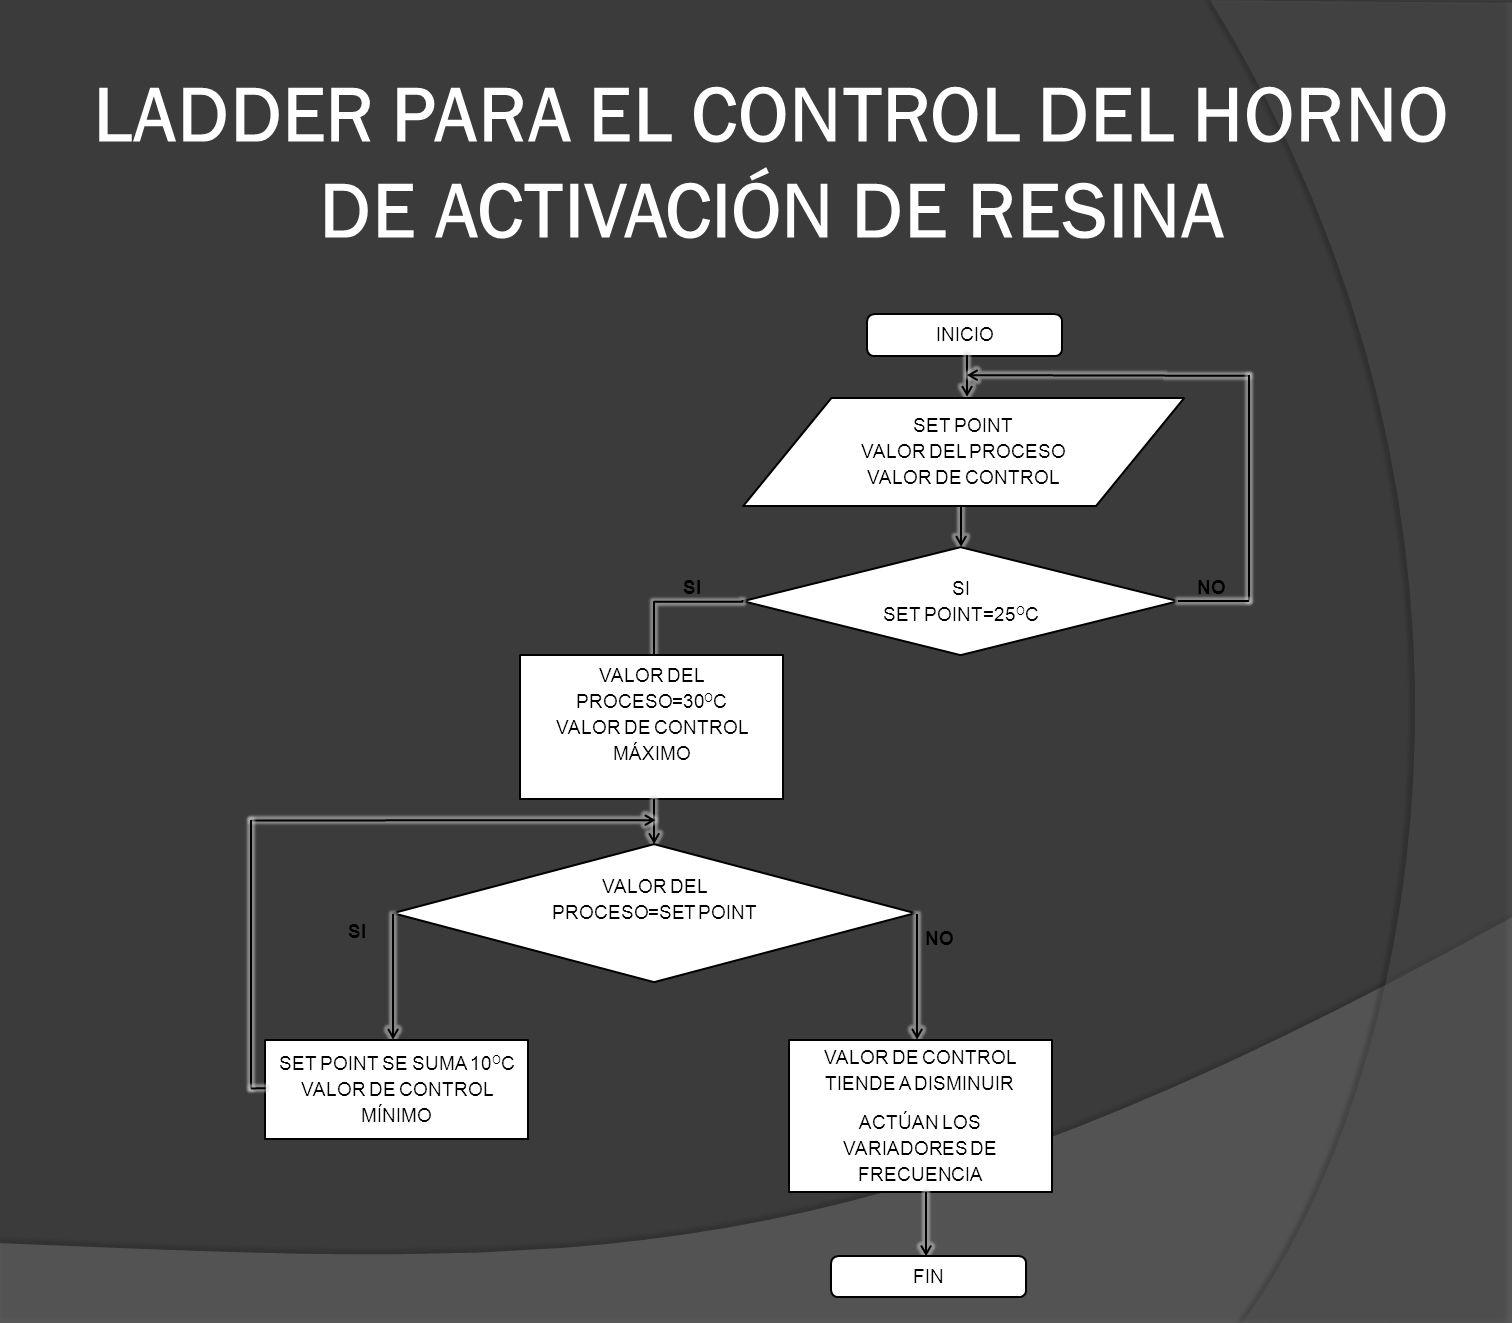 LADDER PARA EL CONTROL DEL HORNO DE ACTIVACIÓN DE RESINA